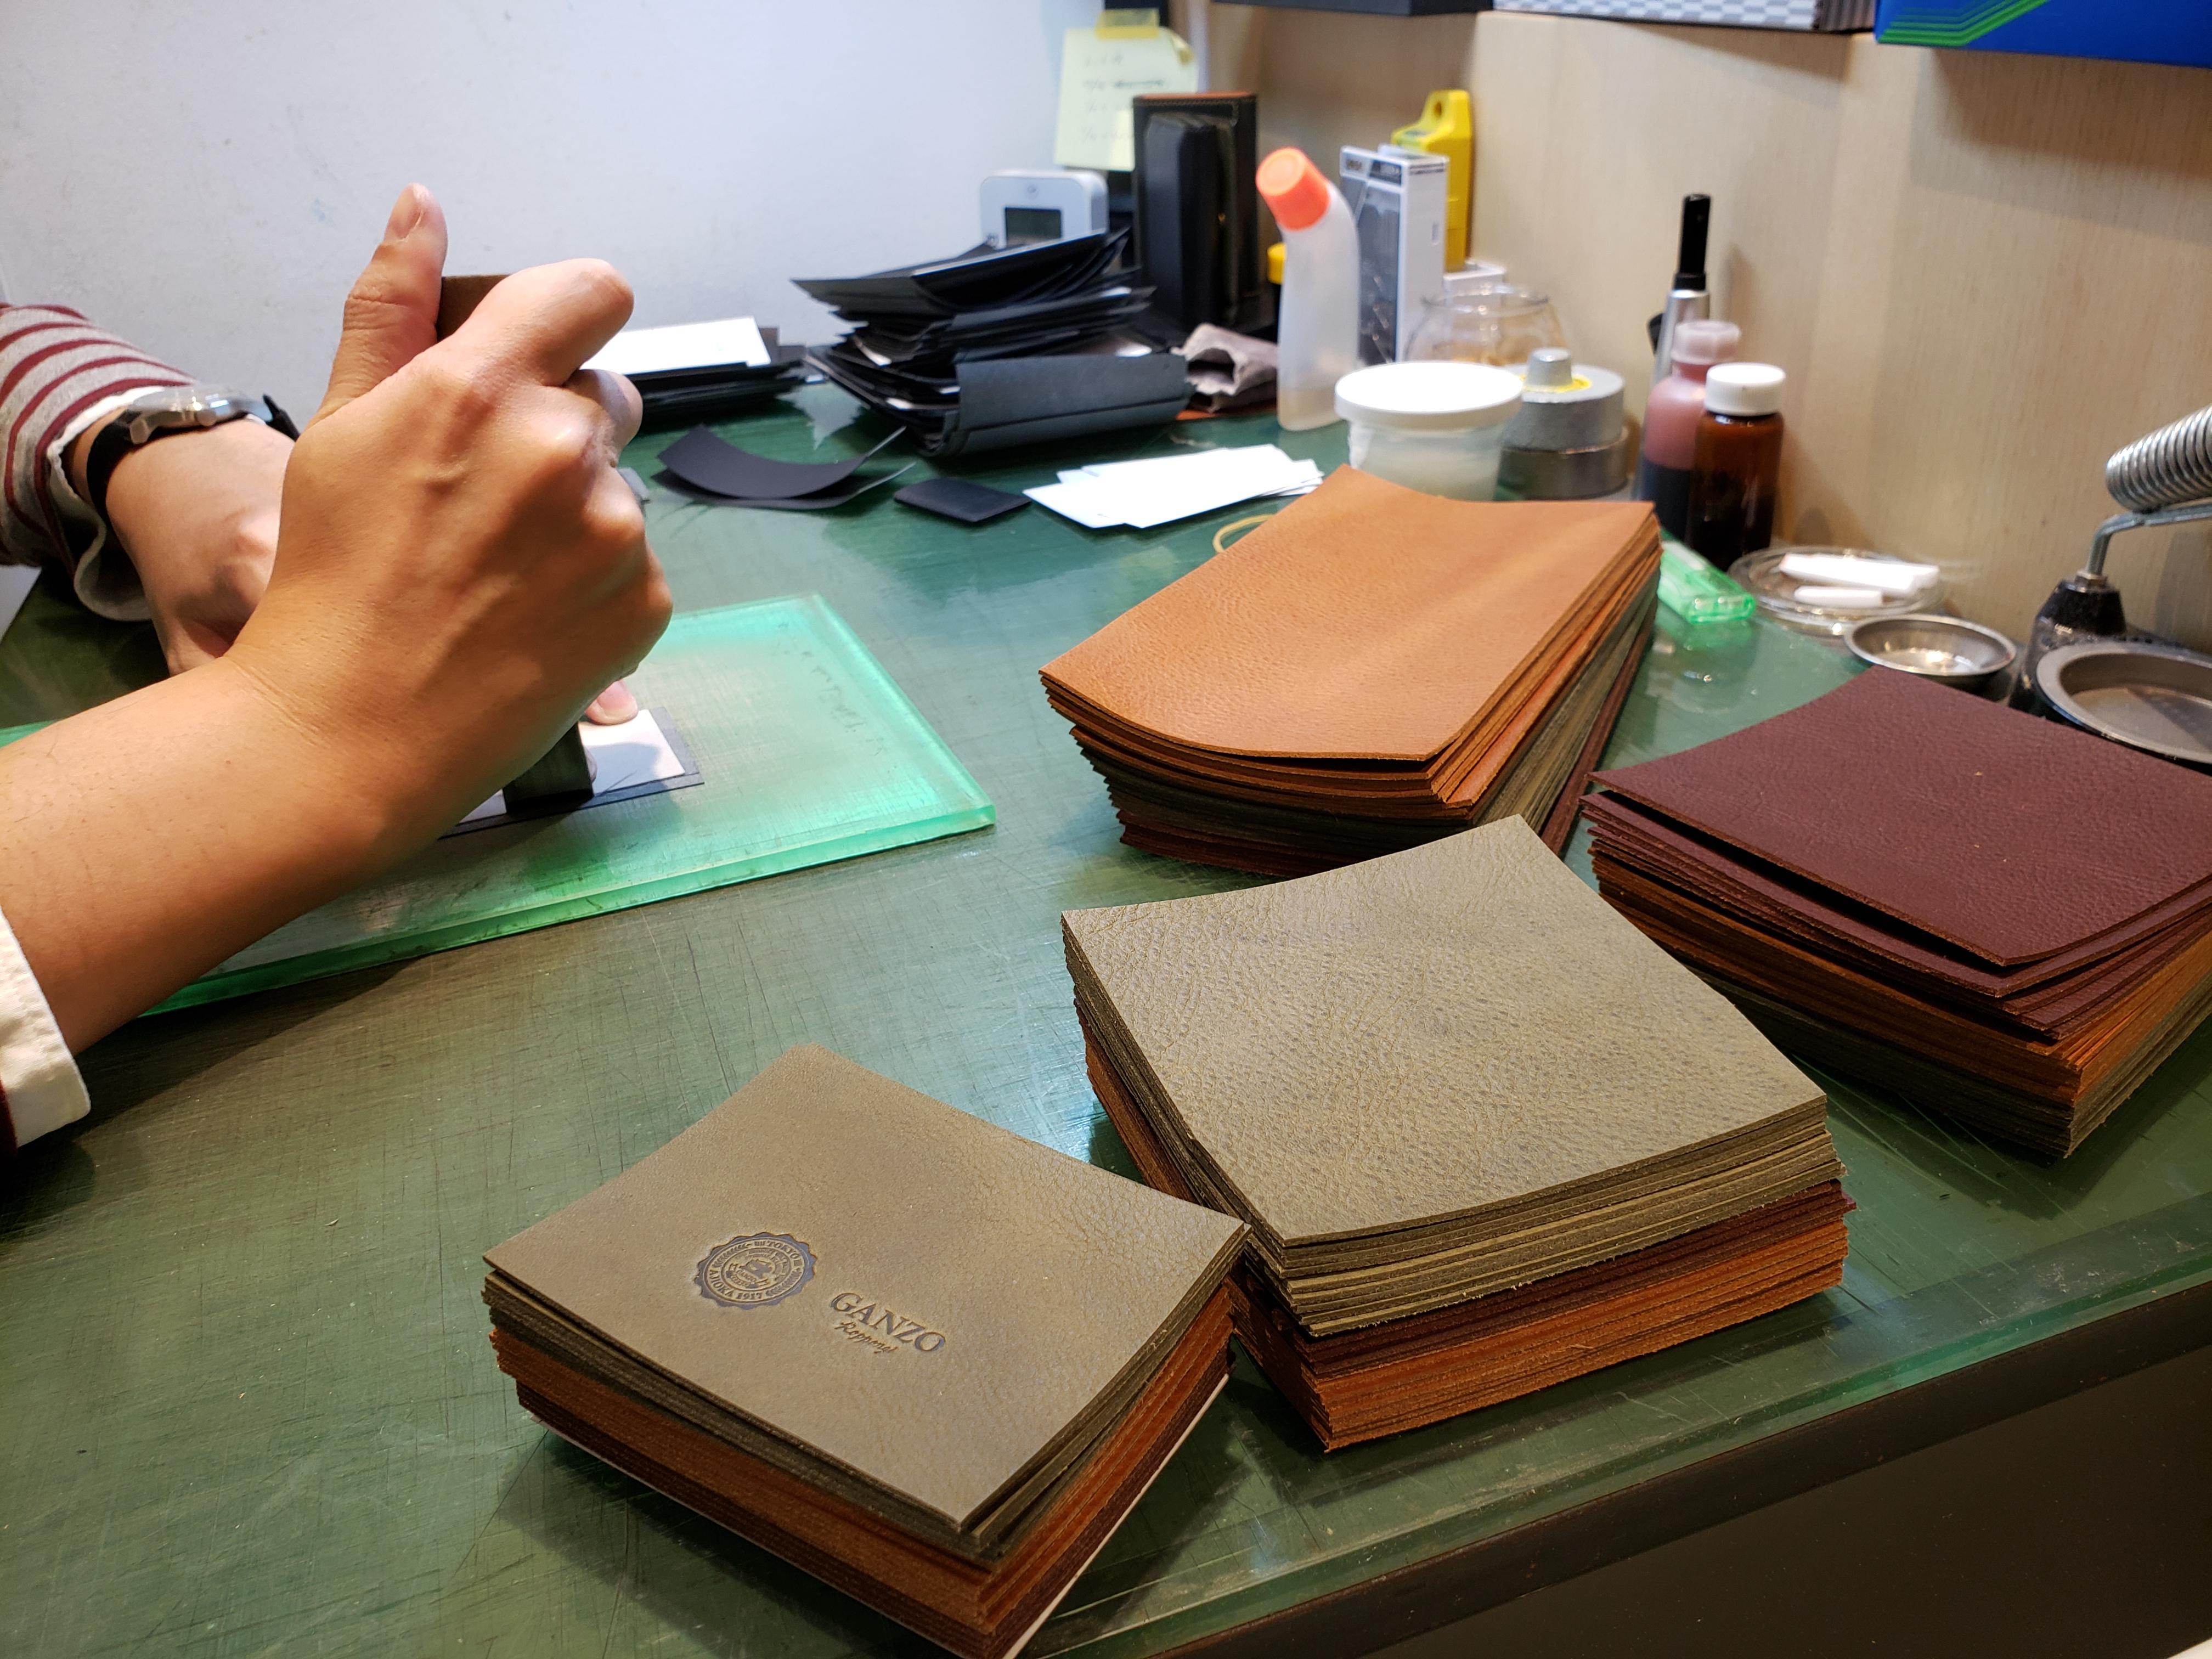 六本木店限定『クロスマチ三つ折り財布』の受注期間について